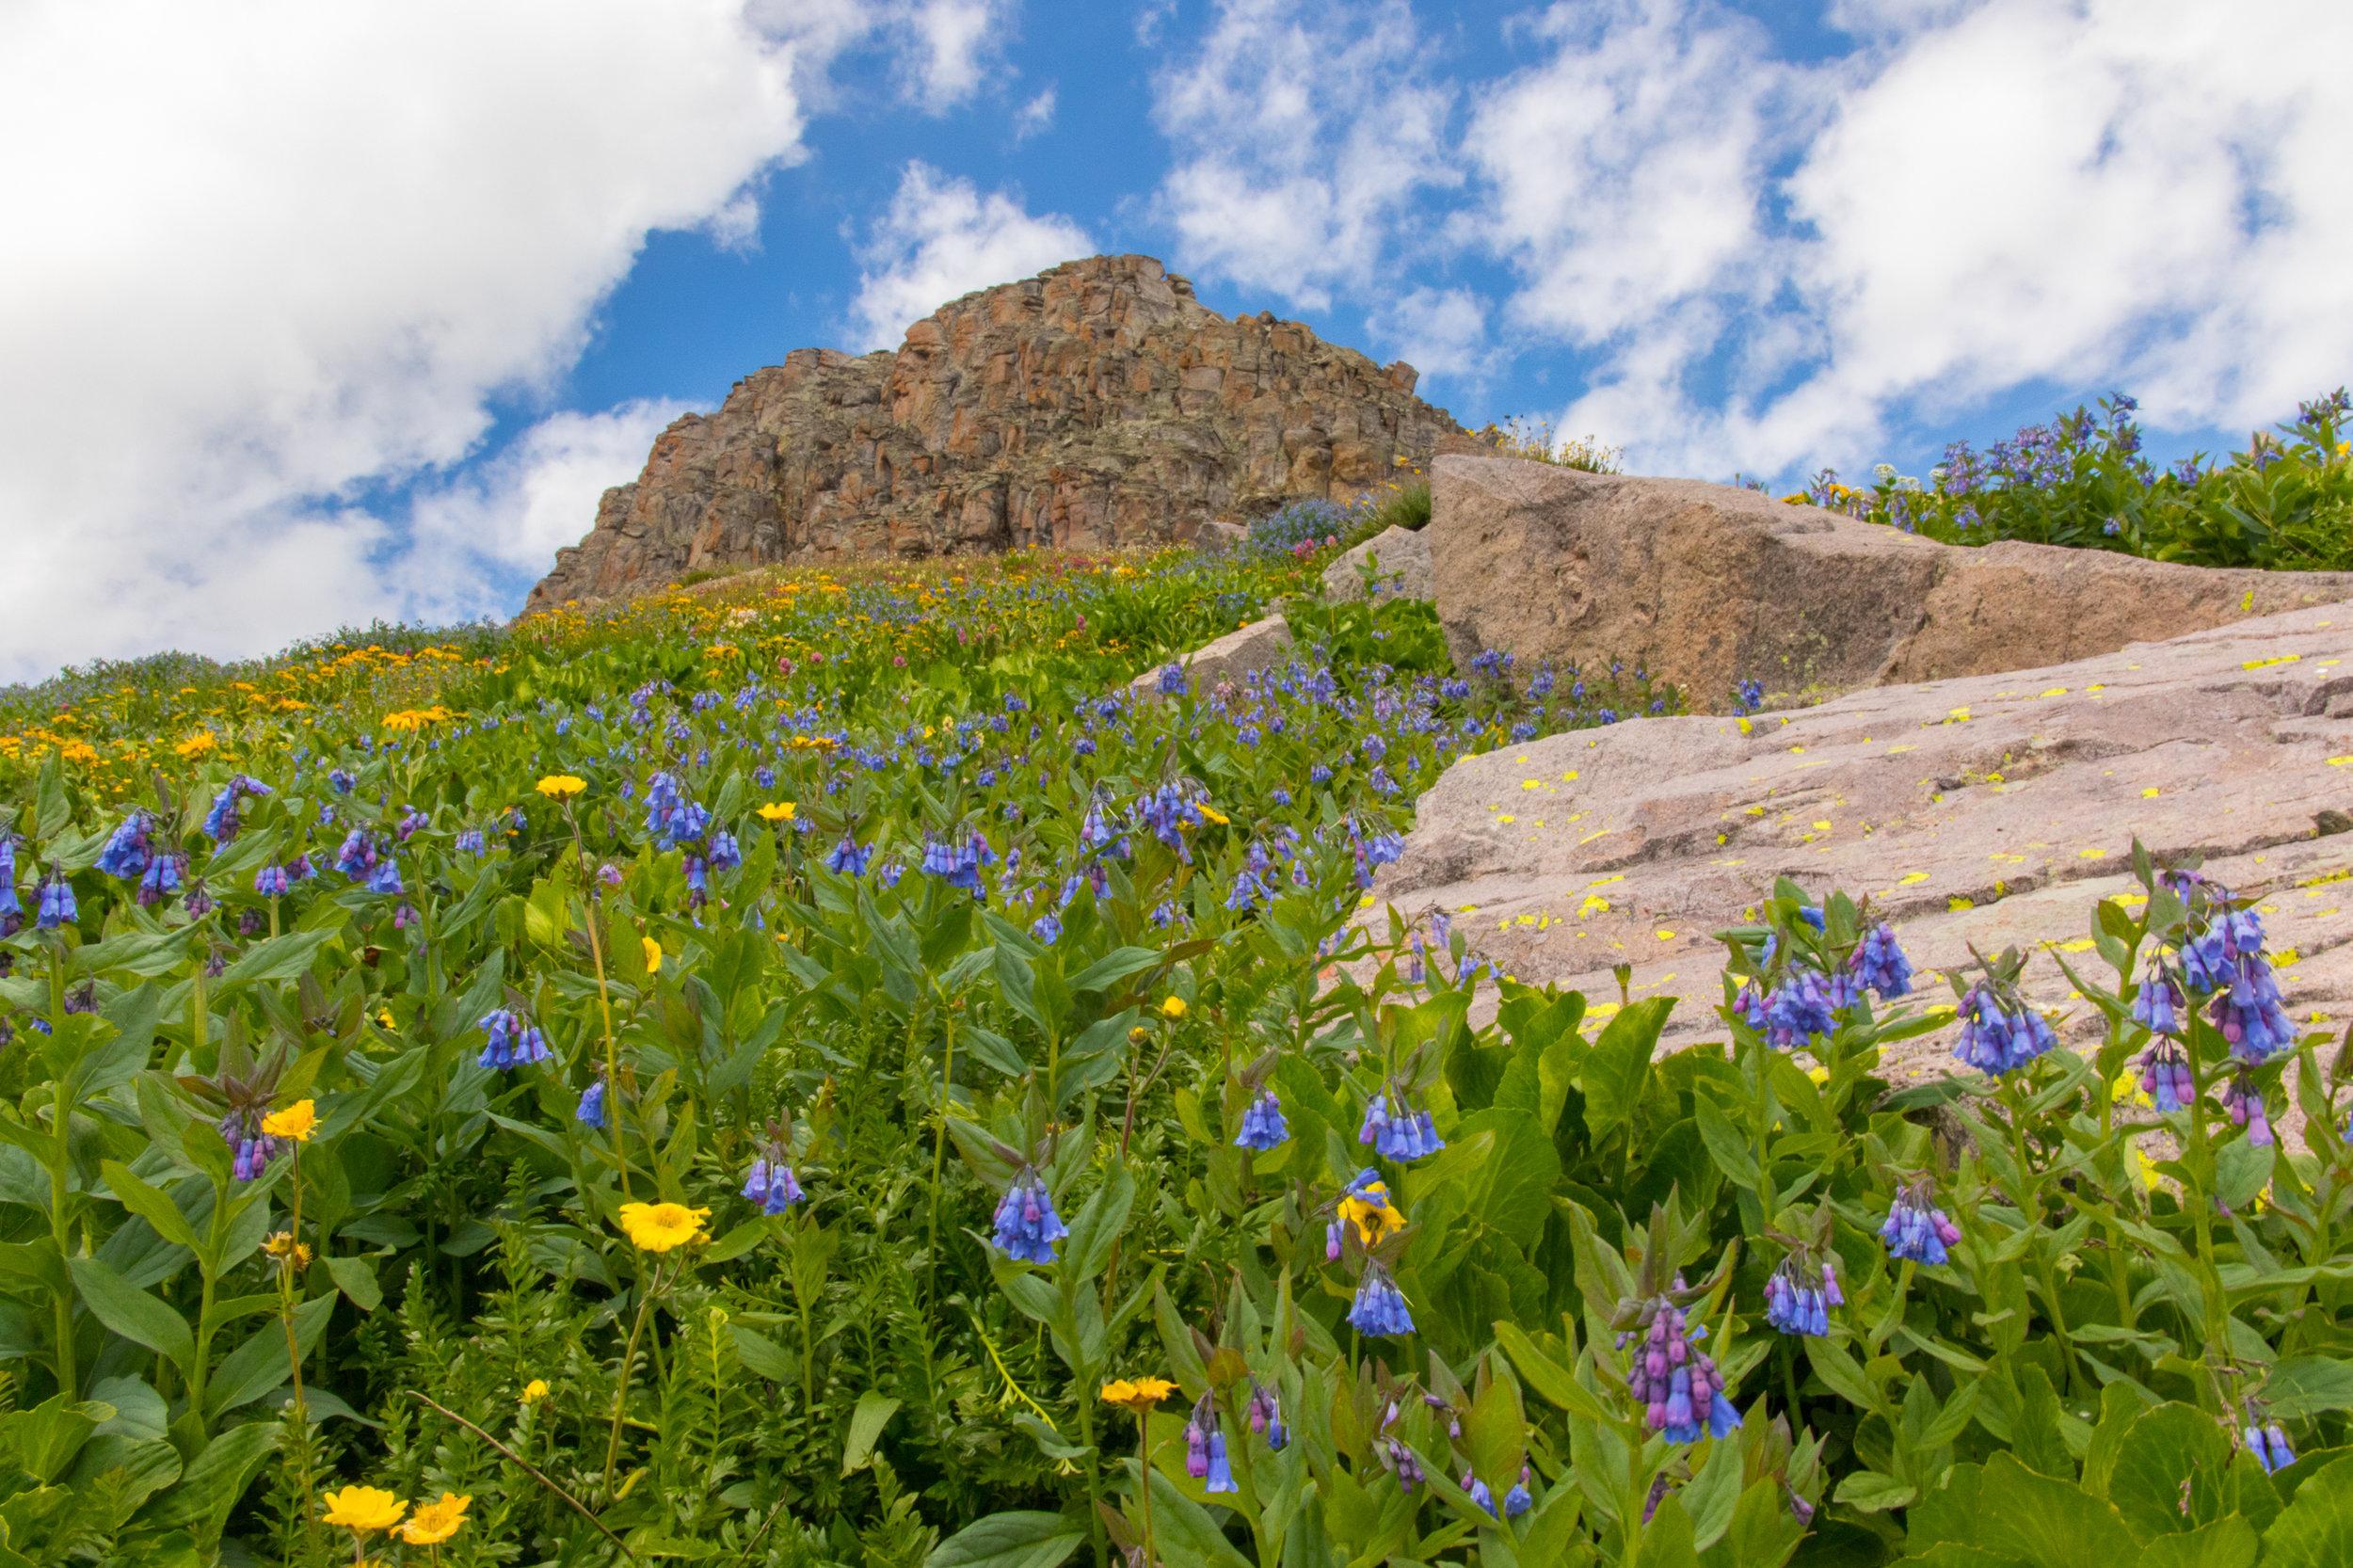 Colorado Bluebells along the route